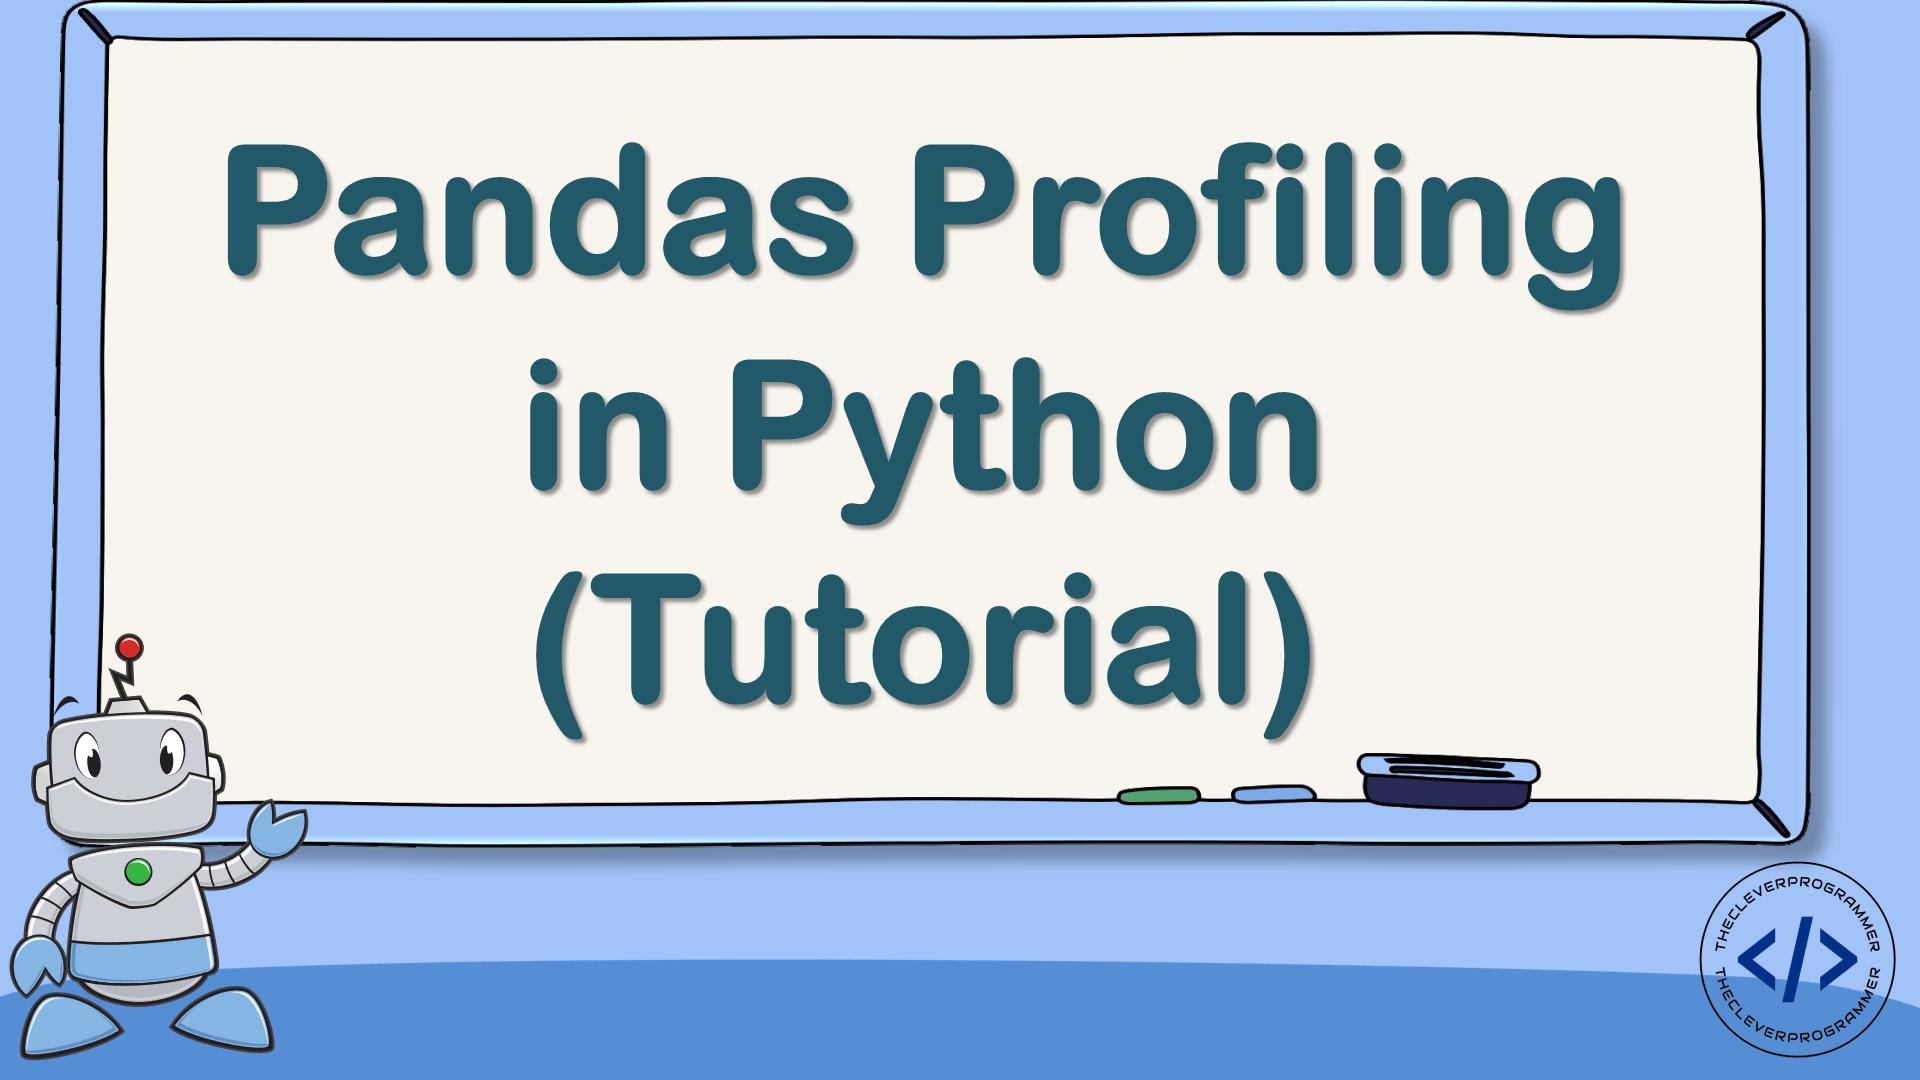 Pandas Profiling in Python